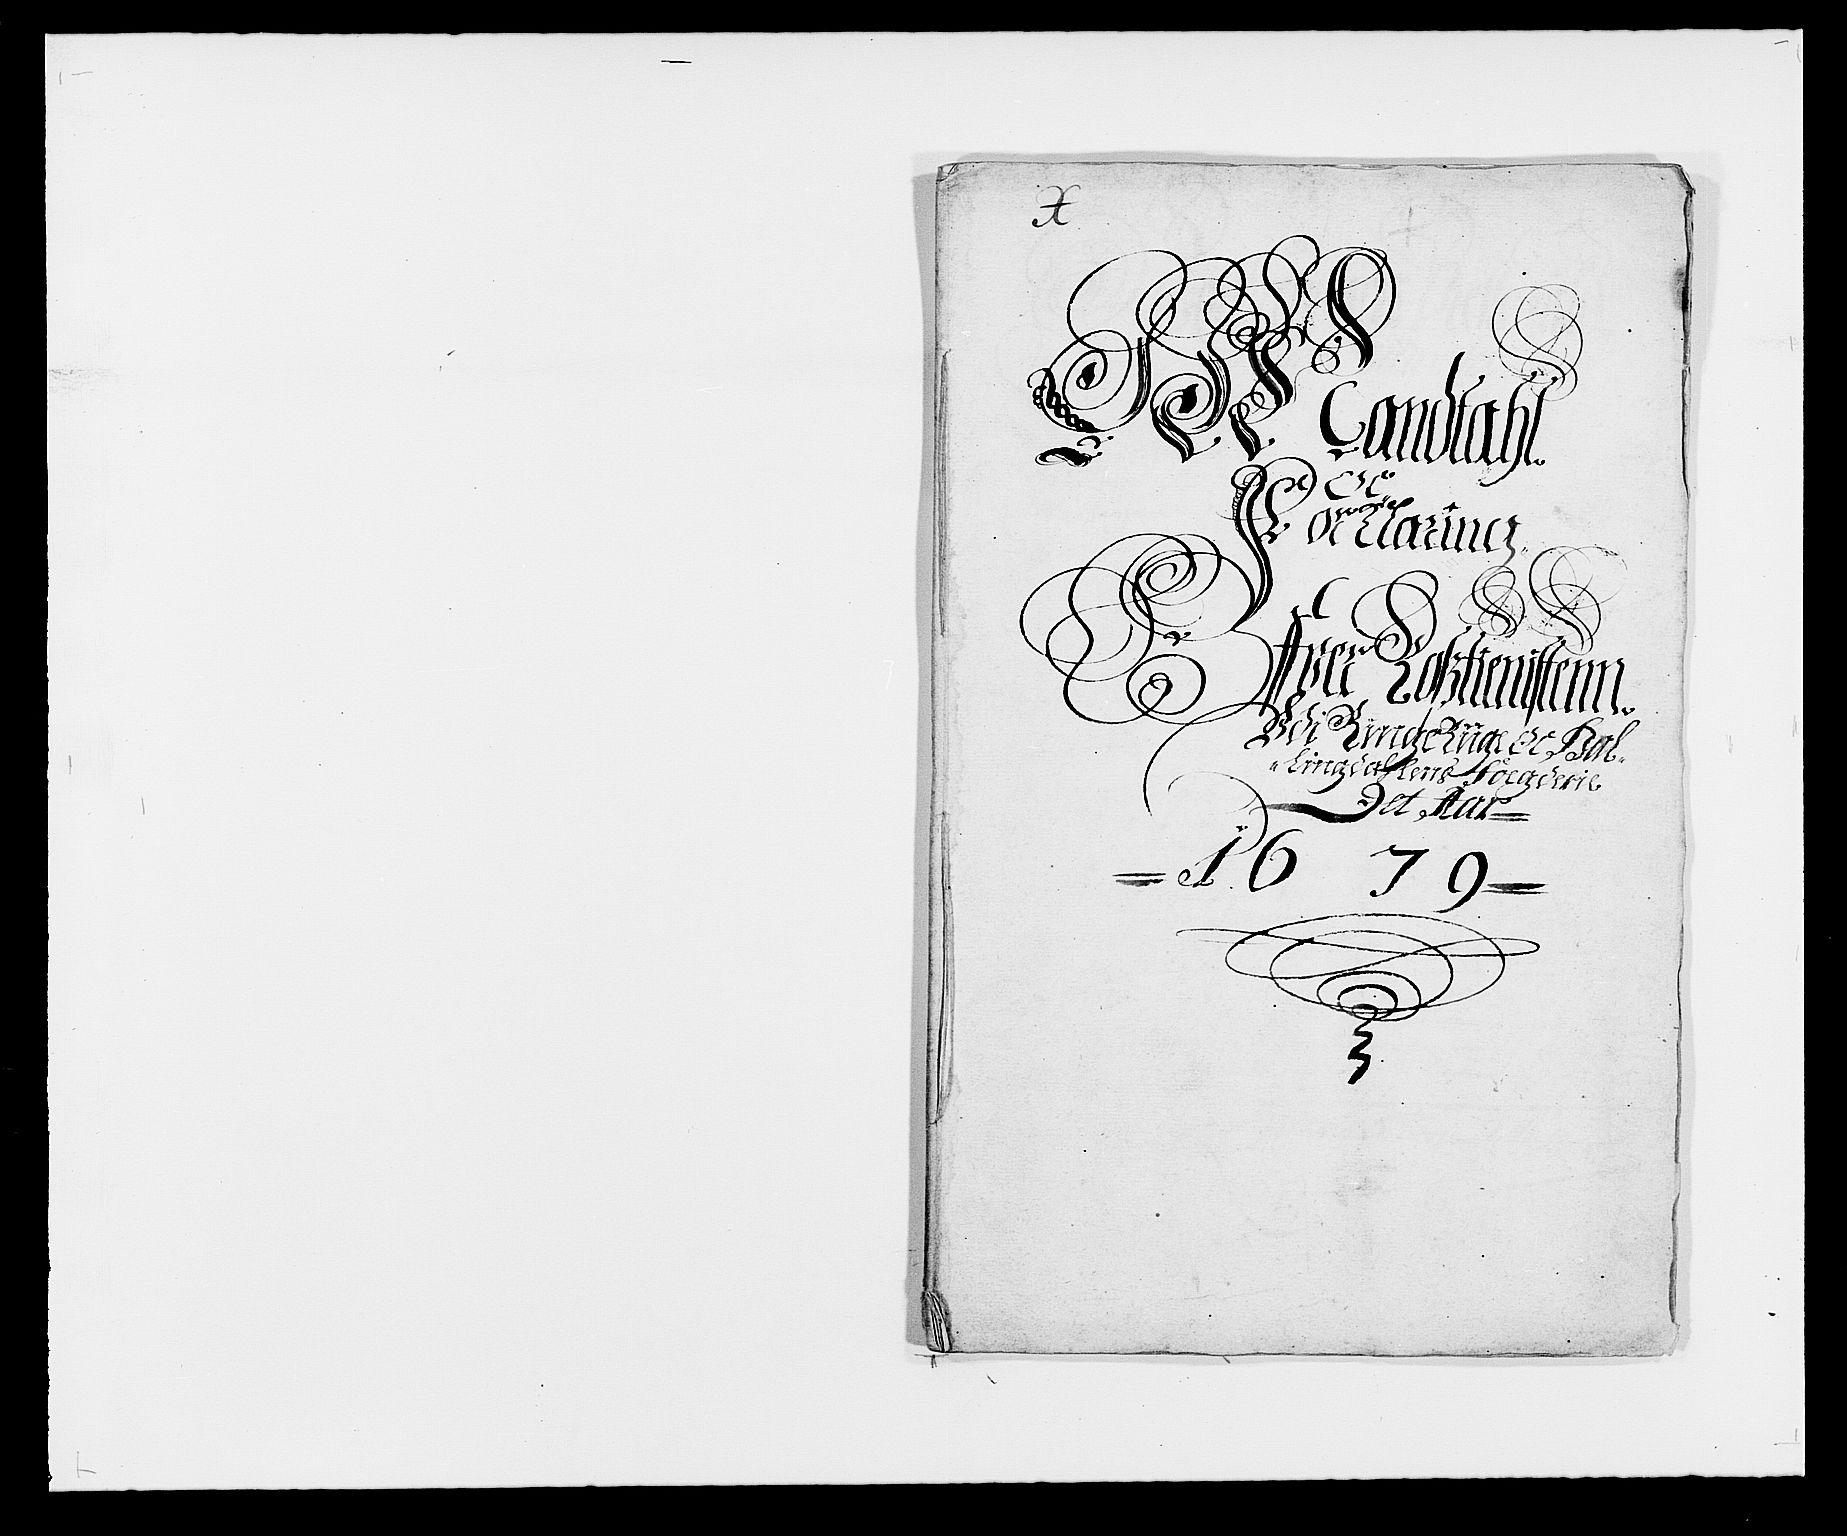 RA, Rentekammeret inntil 1814, Reviderte regnskaper, Fogderegnskap, R21/L1443: Fogderegnskap Ringerike og Hallingdal, 1678-1680, s. 346